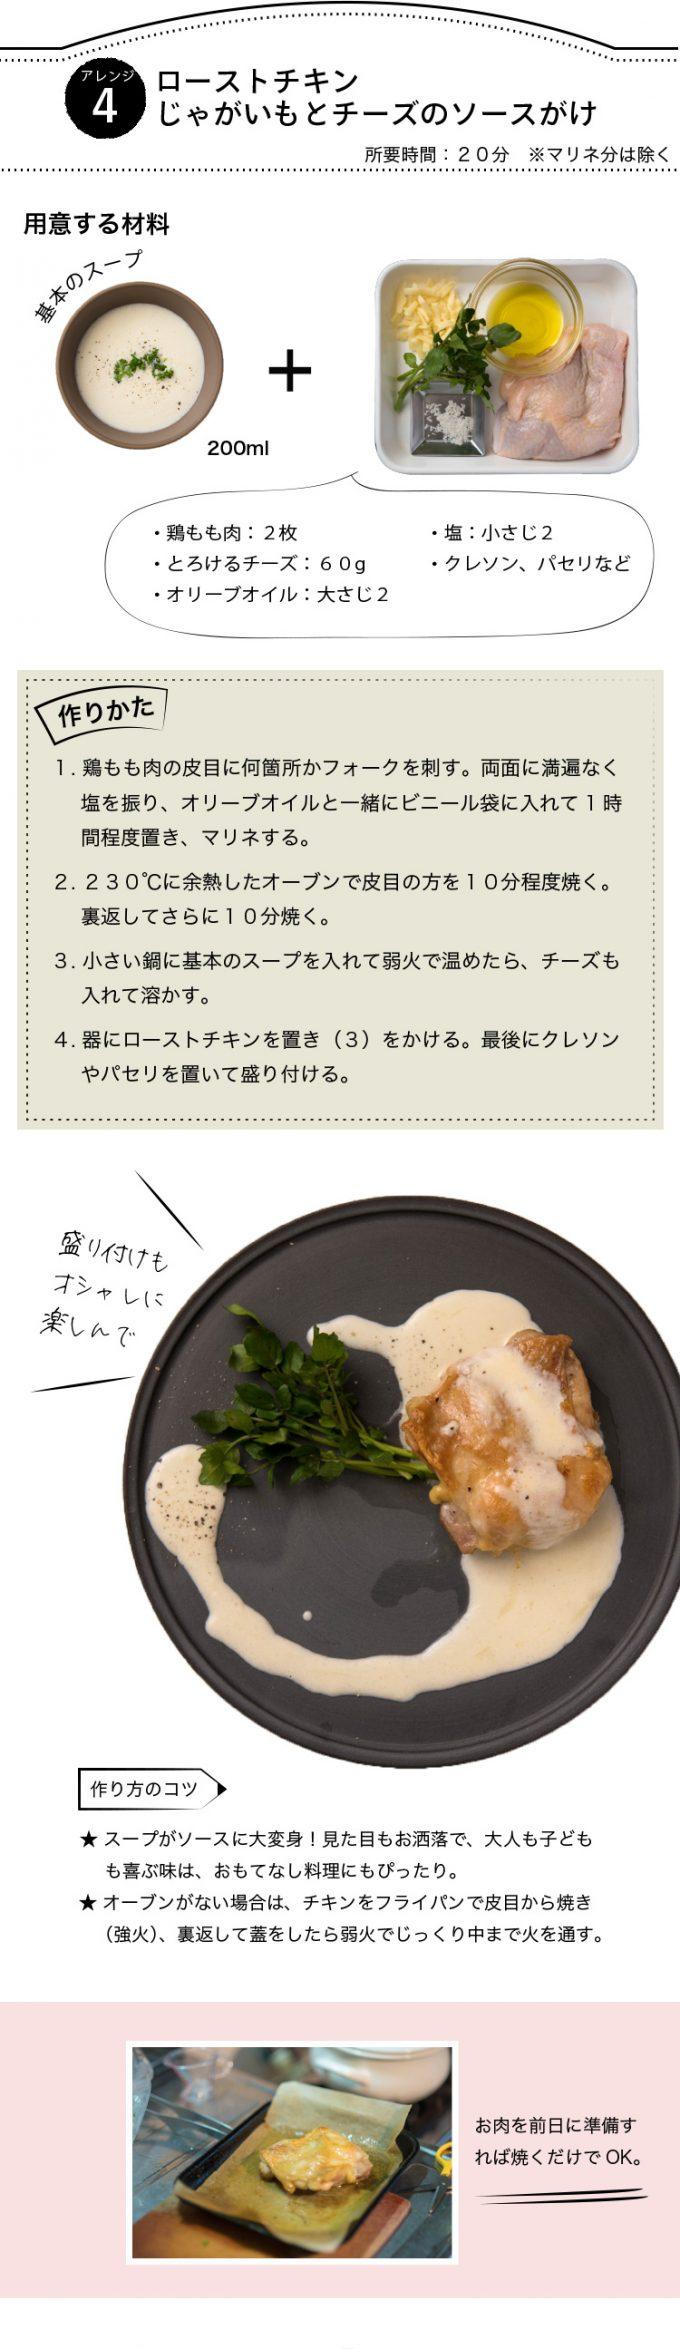 アレンジスープ【ブランダード牡蠣と蕪のチャウダー風】レシピ